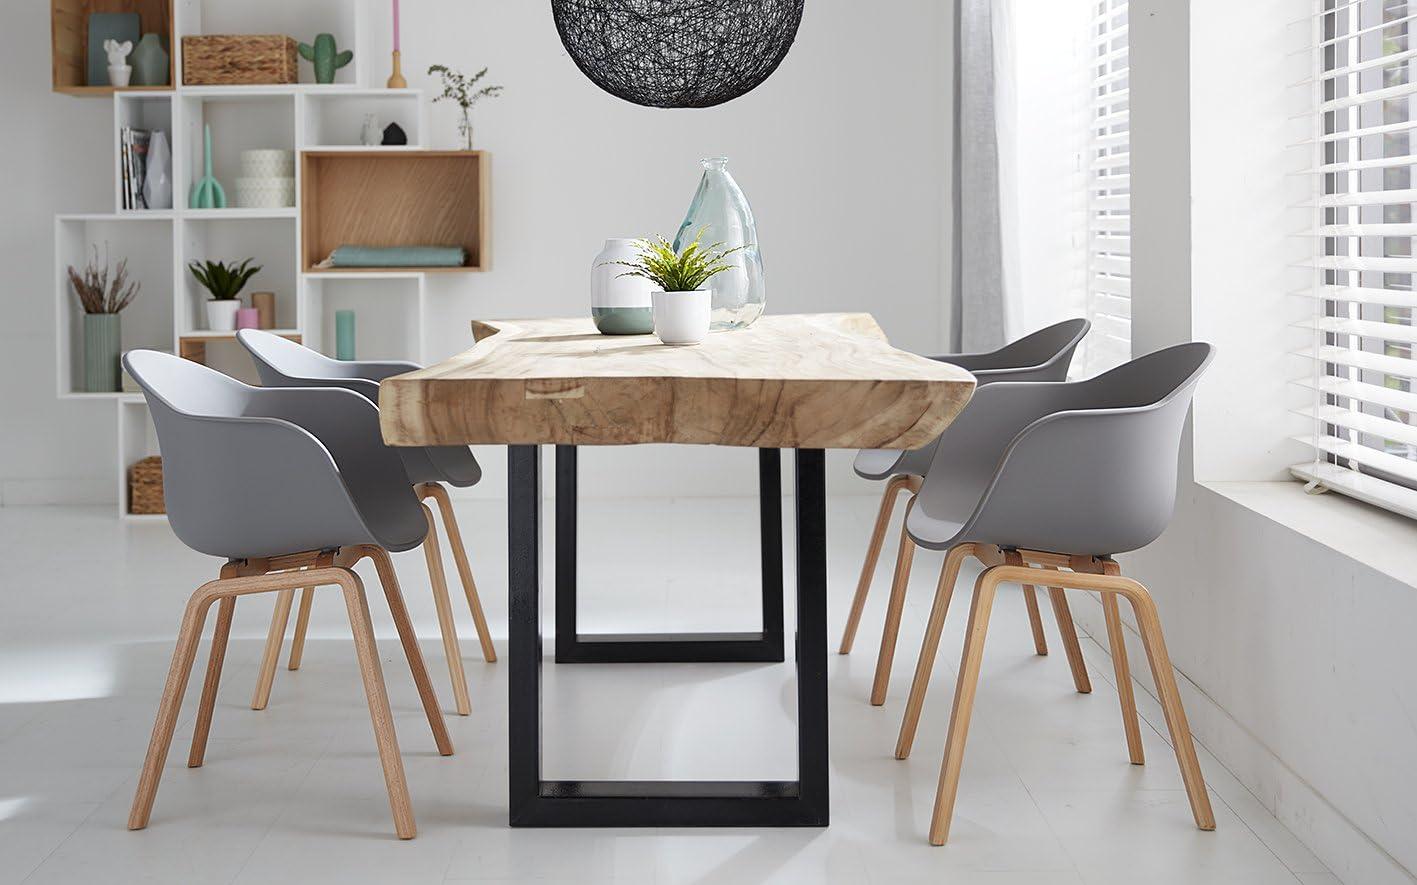 Damiware Romeo Wohnzimmerstuhl Esszimmerstuhl 2er Set Grau Polypropylen und Buchenholz Retro Design Stuhl für Büro Lounge Küche Wohnzimmergrey (Grau)